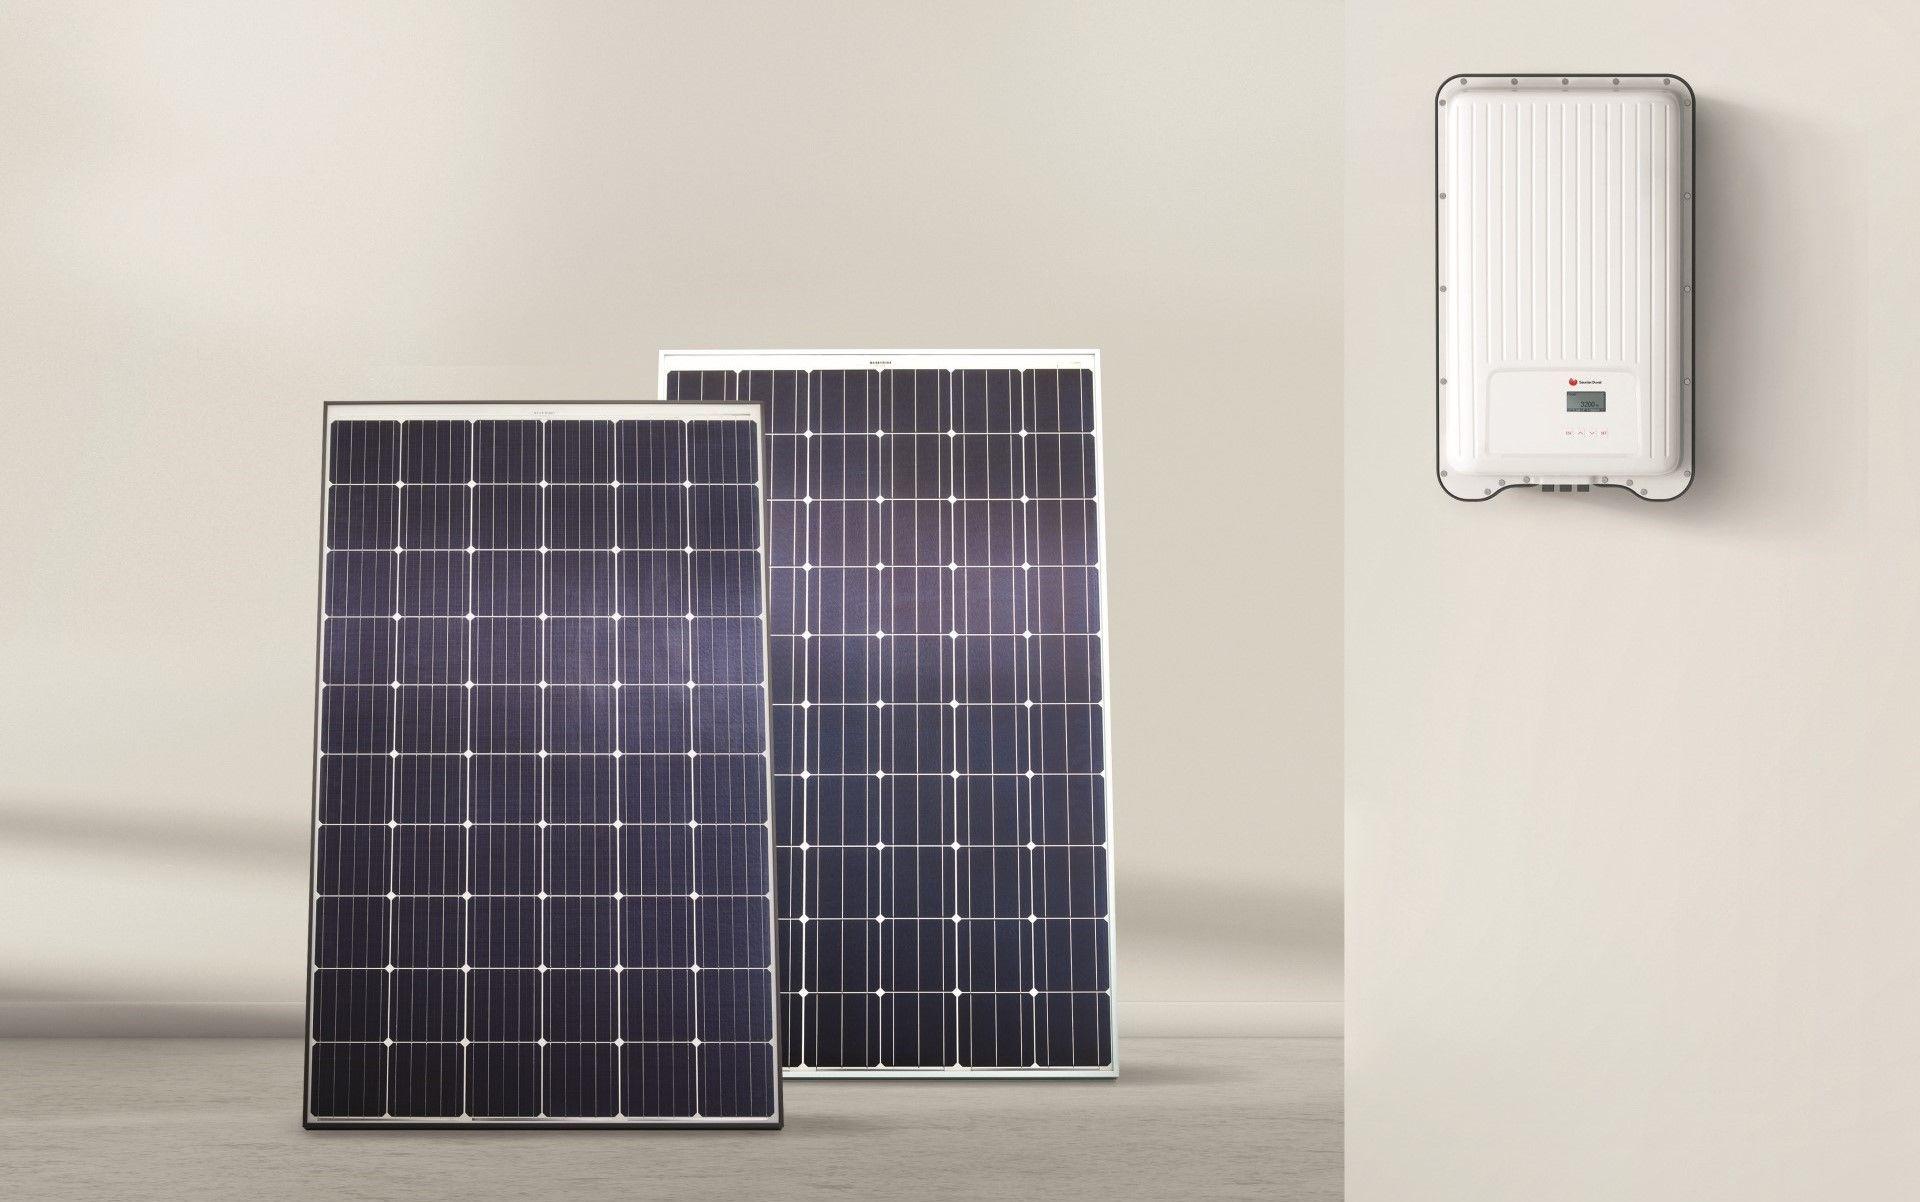 Autoconsumo fotovoltaico de alto rendimiento Helio PV de Saunier Duval